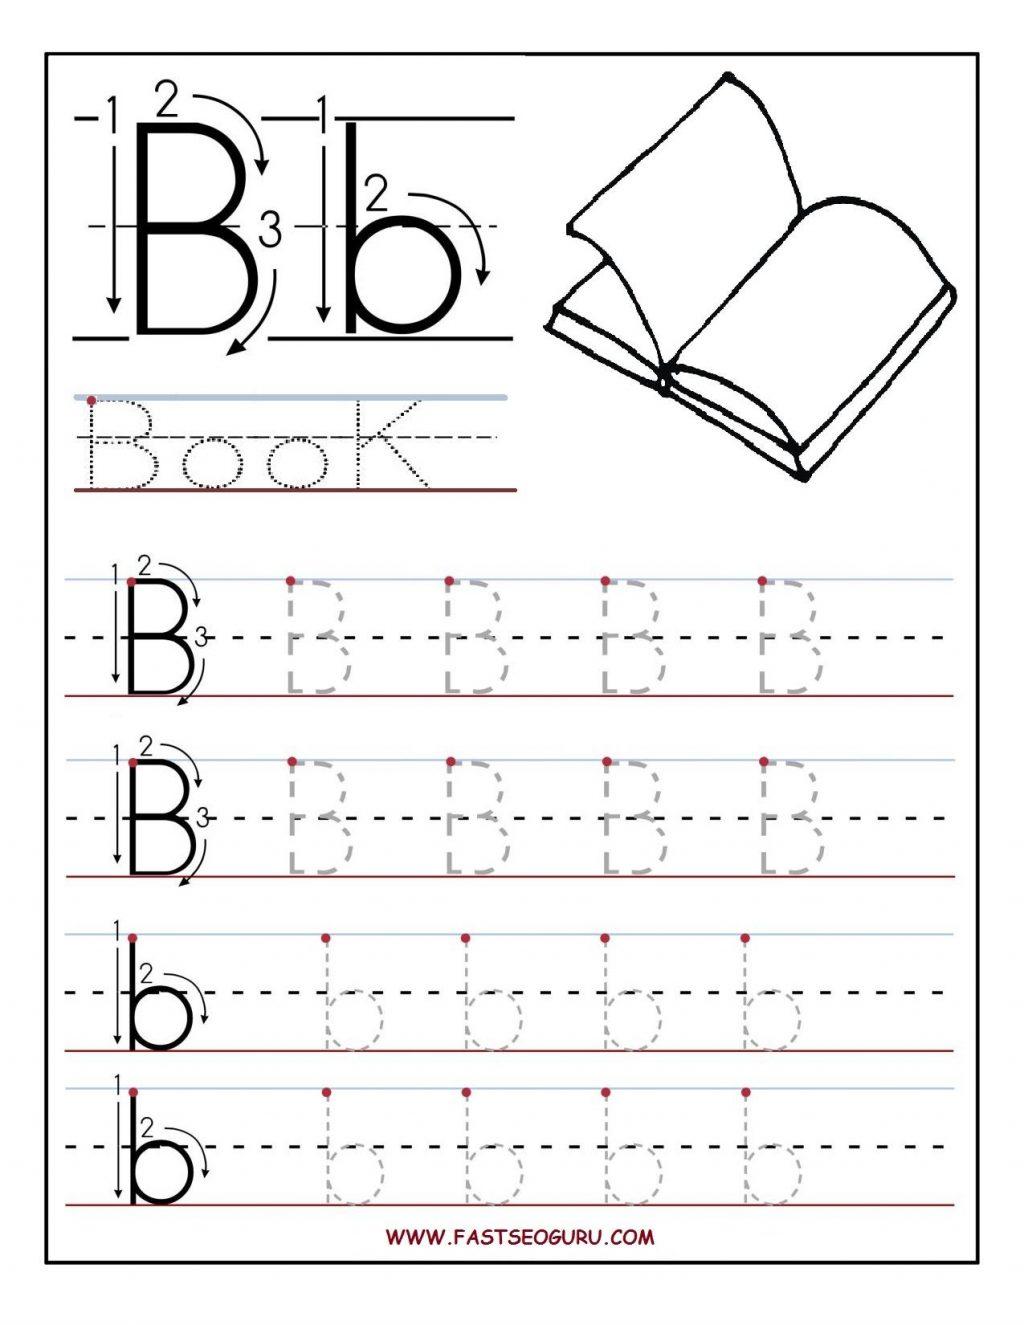 Worksheet ~ Tracing Worksheets For Preschoolers Preschool with Alphabet Worksheets For Pre-K